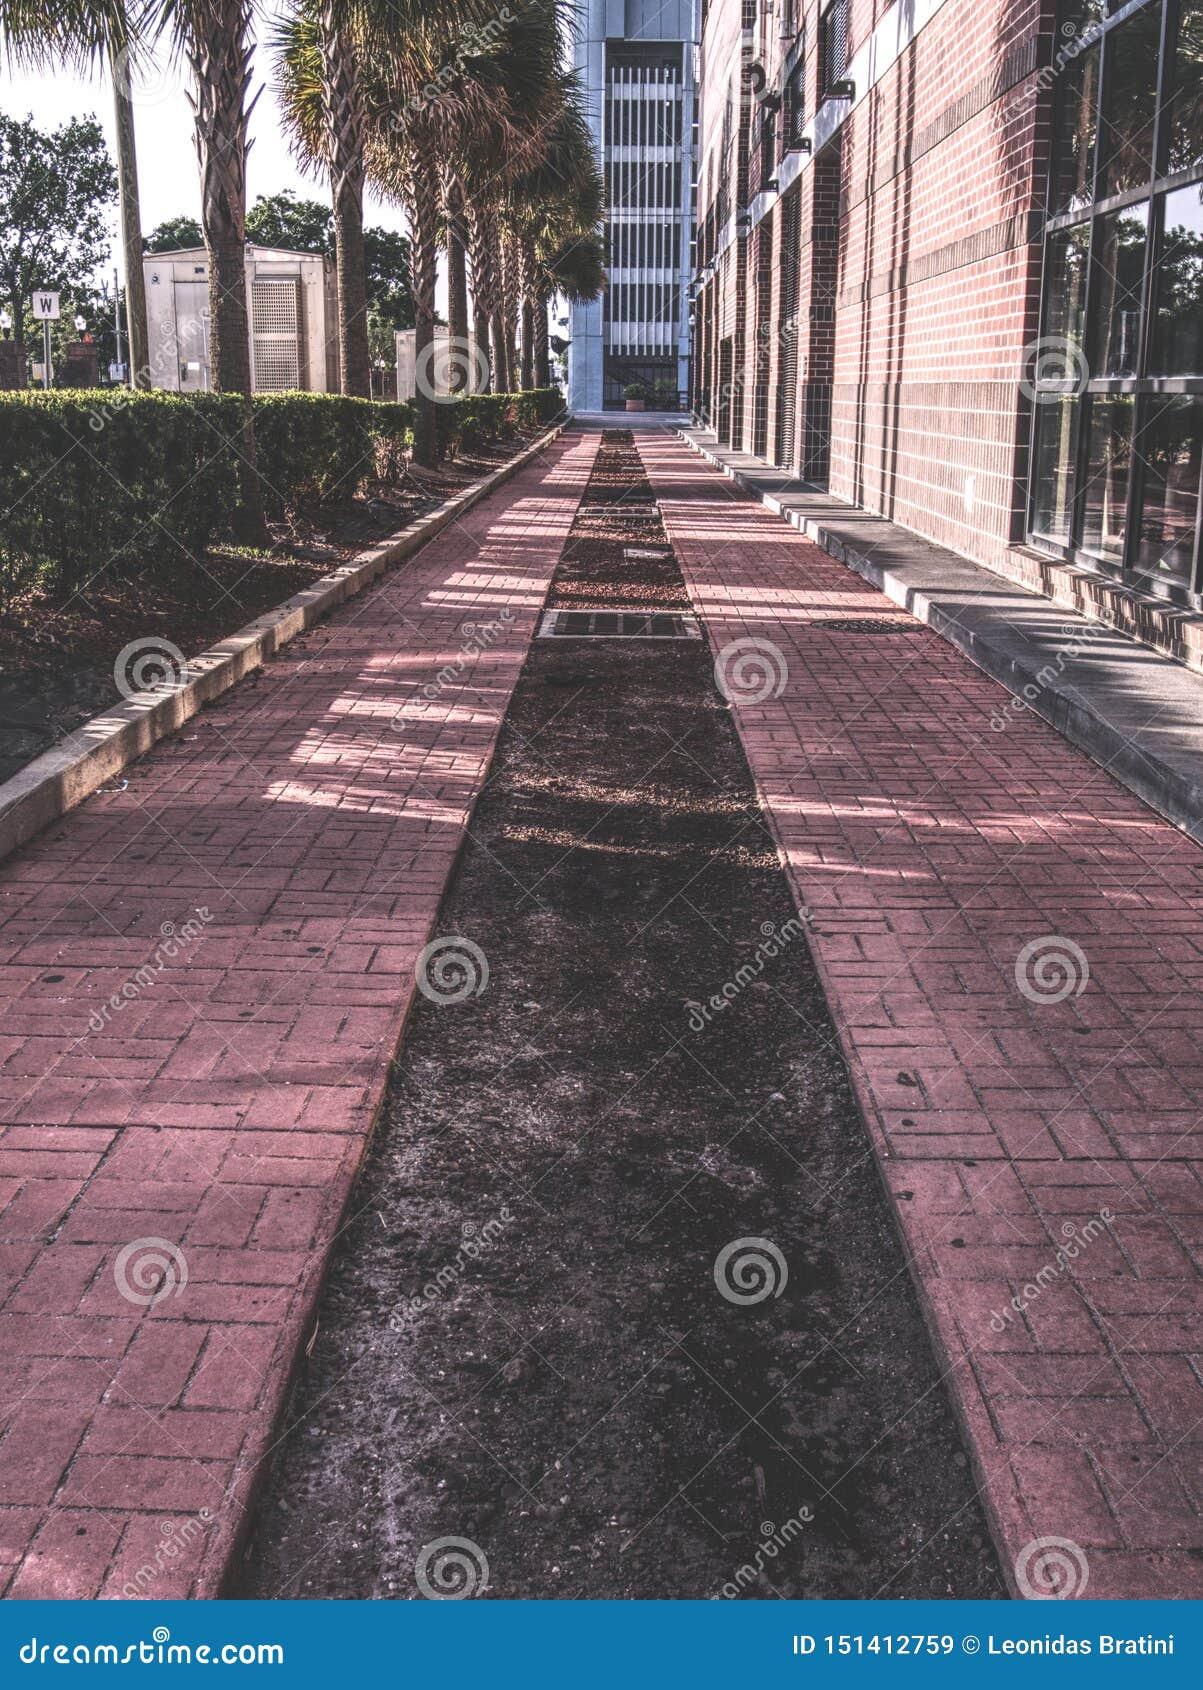 Ein Seitenweg im Stadtzentrum